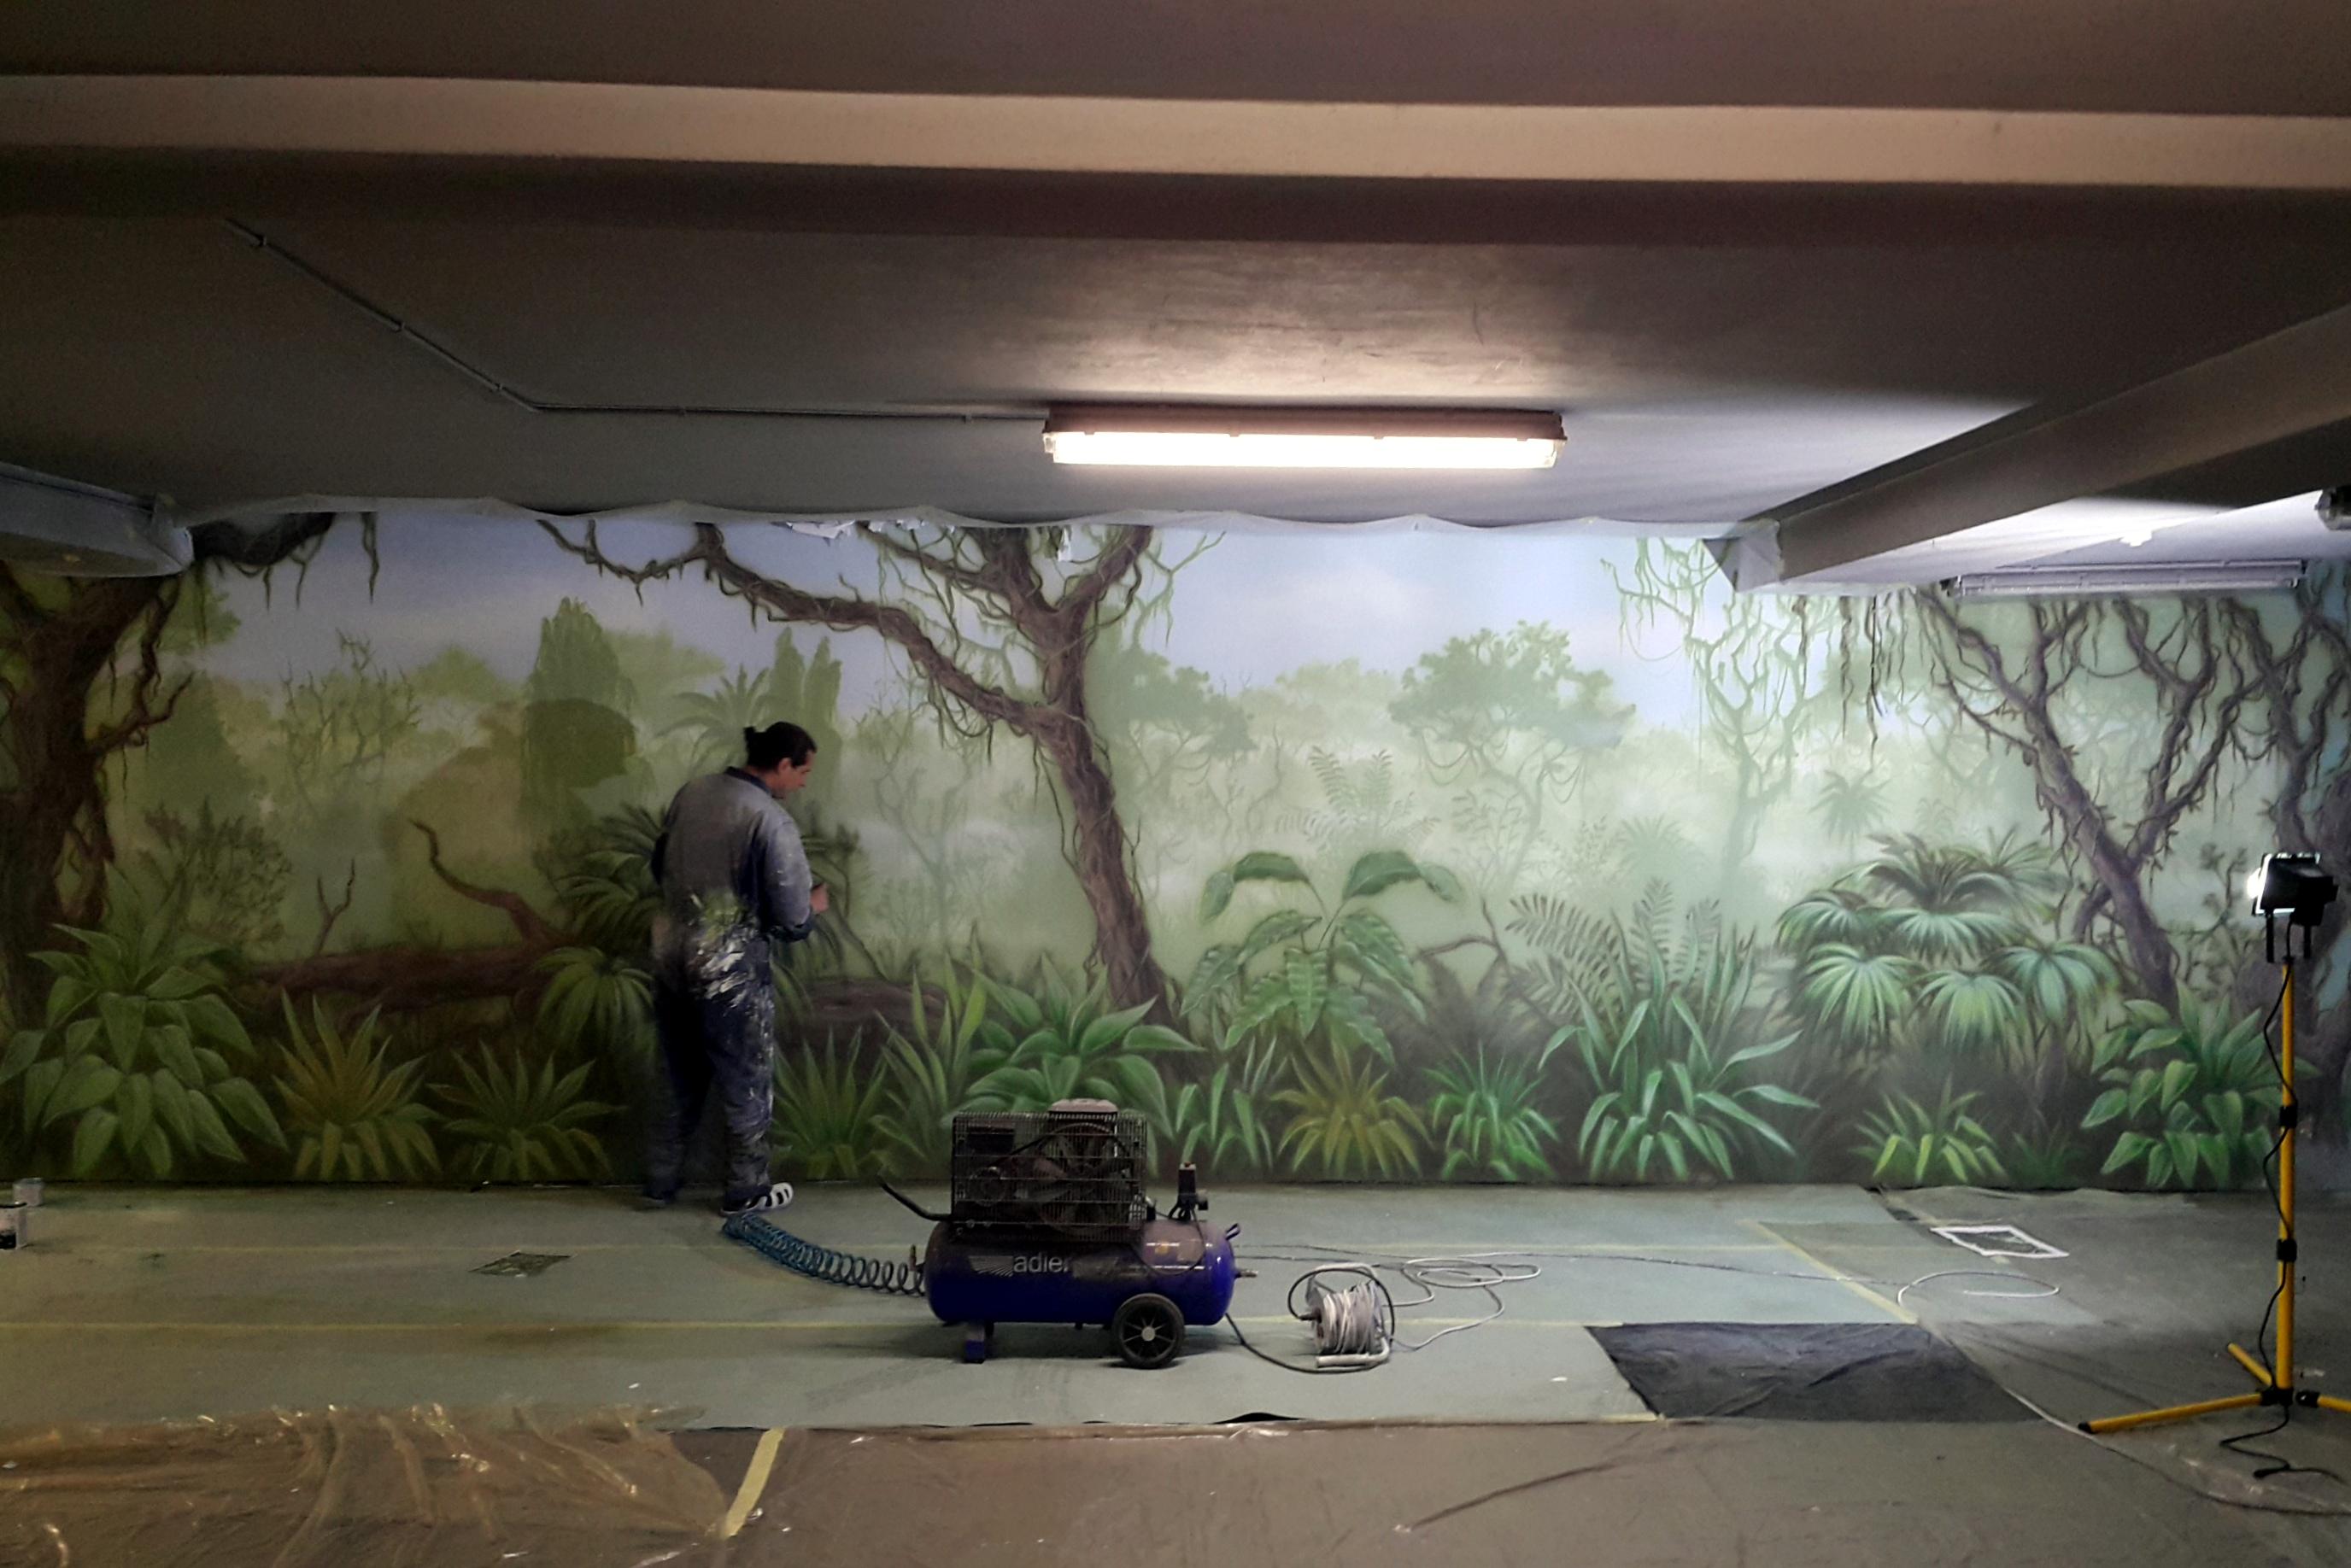 Malowanie dżungli, artystyczne grafitti namalowane